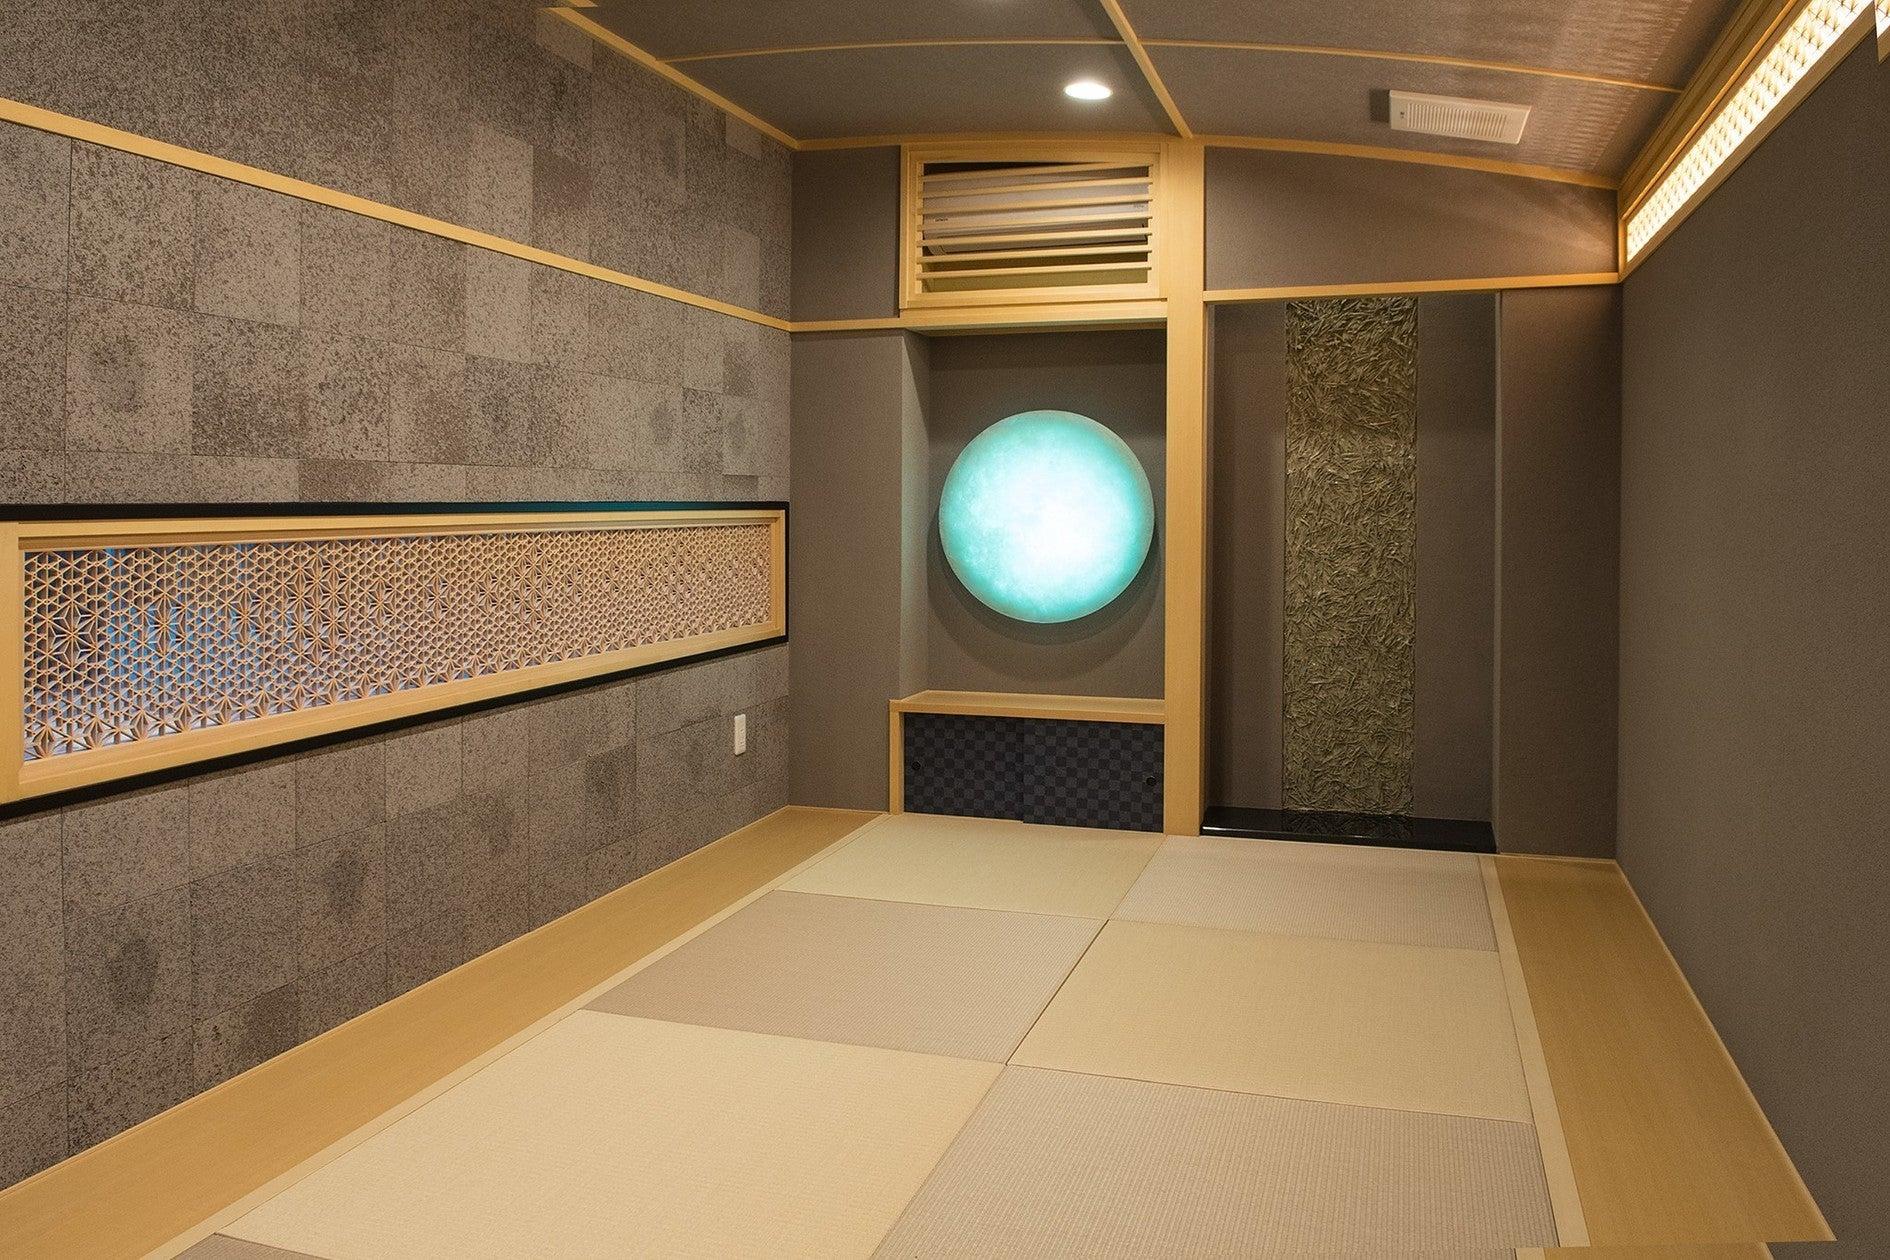 総曲輪レガートスクエア ギャザリングスペース 和室(総曲輪レガートスクエアギャザリングスペース) の写真0